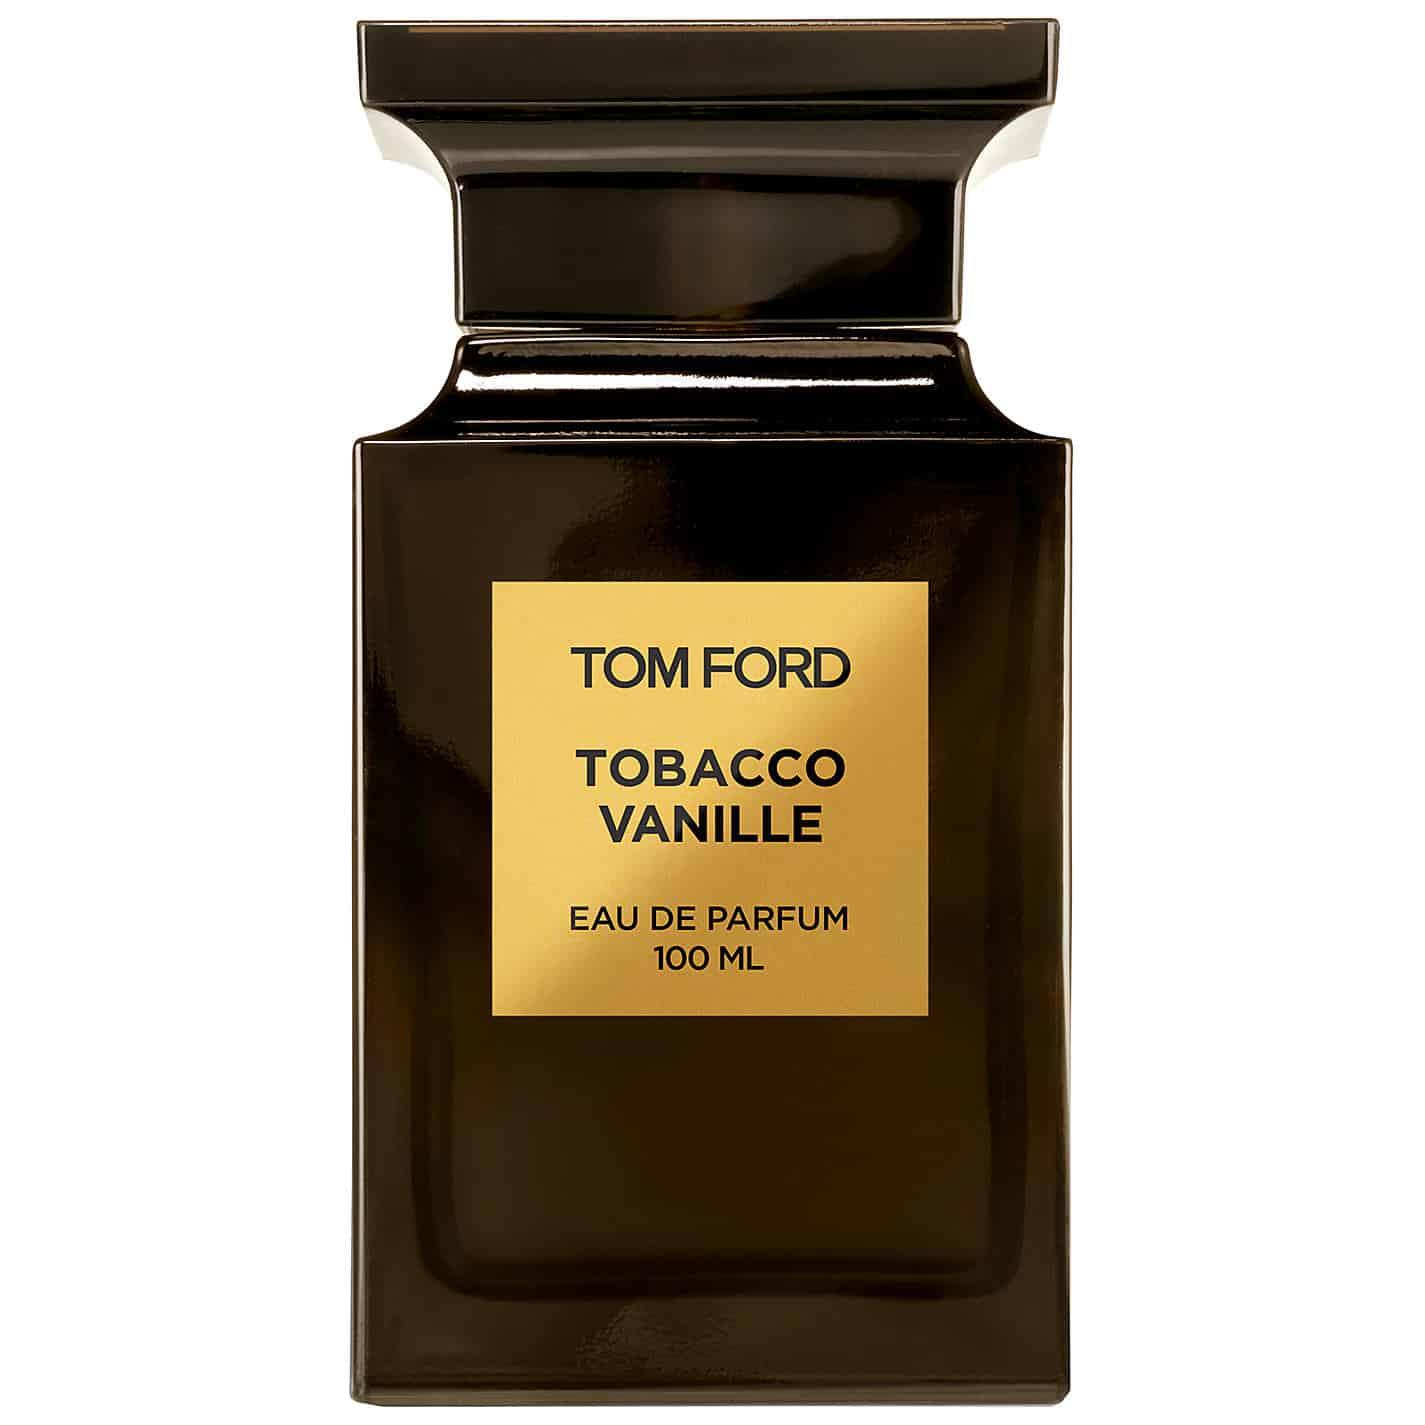 ادو پرفيوم Tom Ford مدل Tobacco Vanille حجم 100 ميلي ليتر  